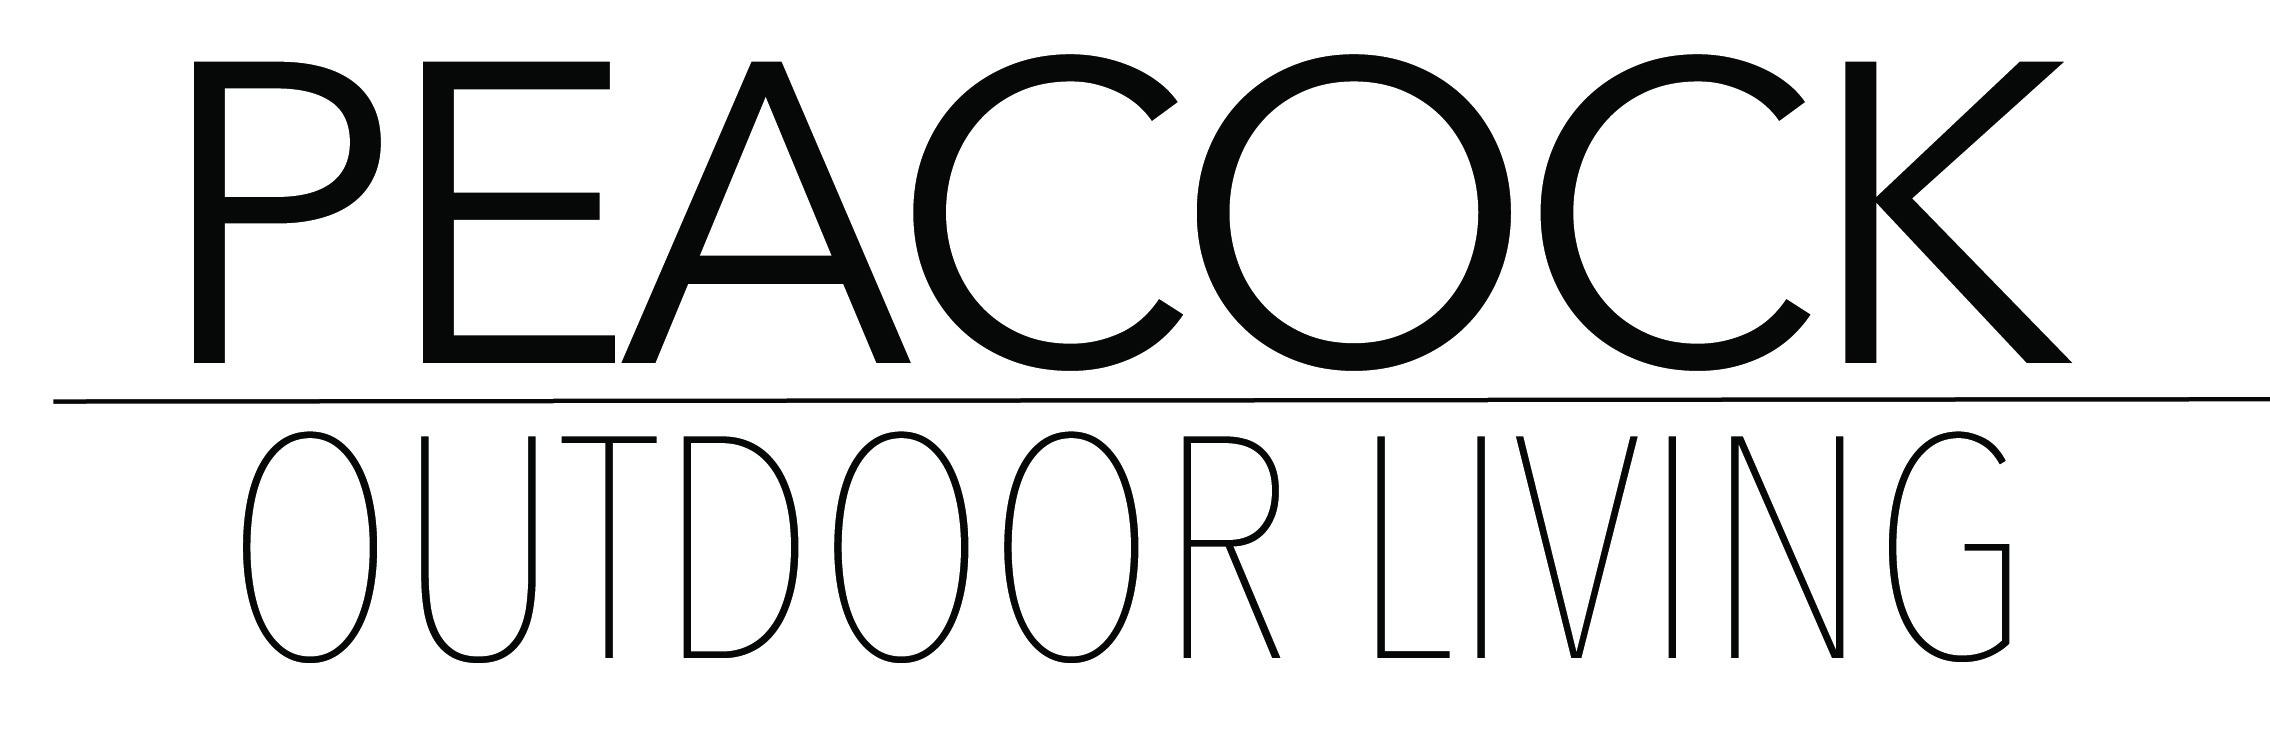 Peacock Outdoor Living Logo